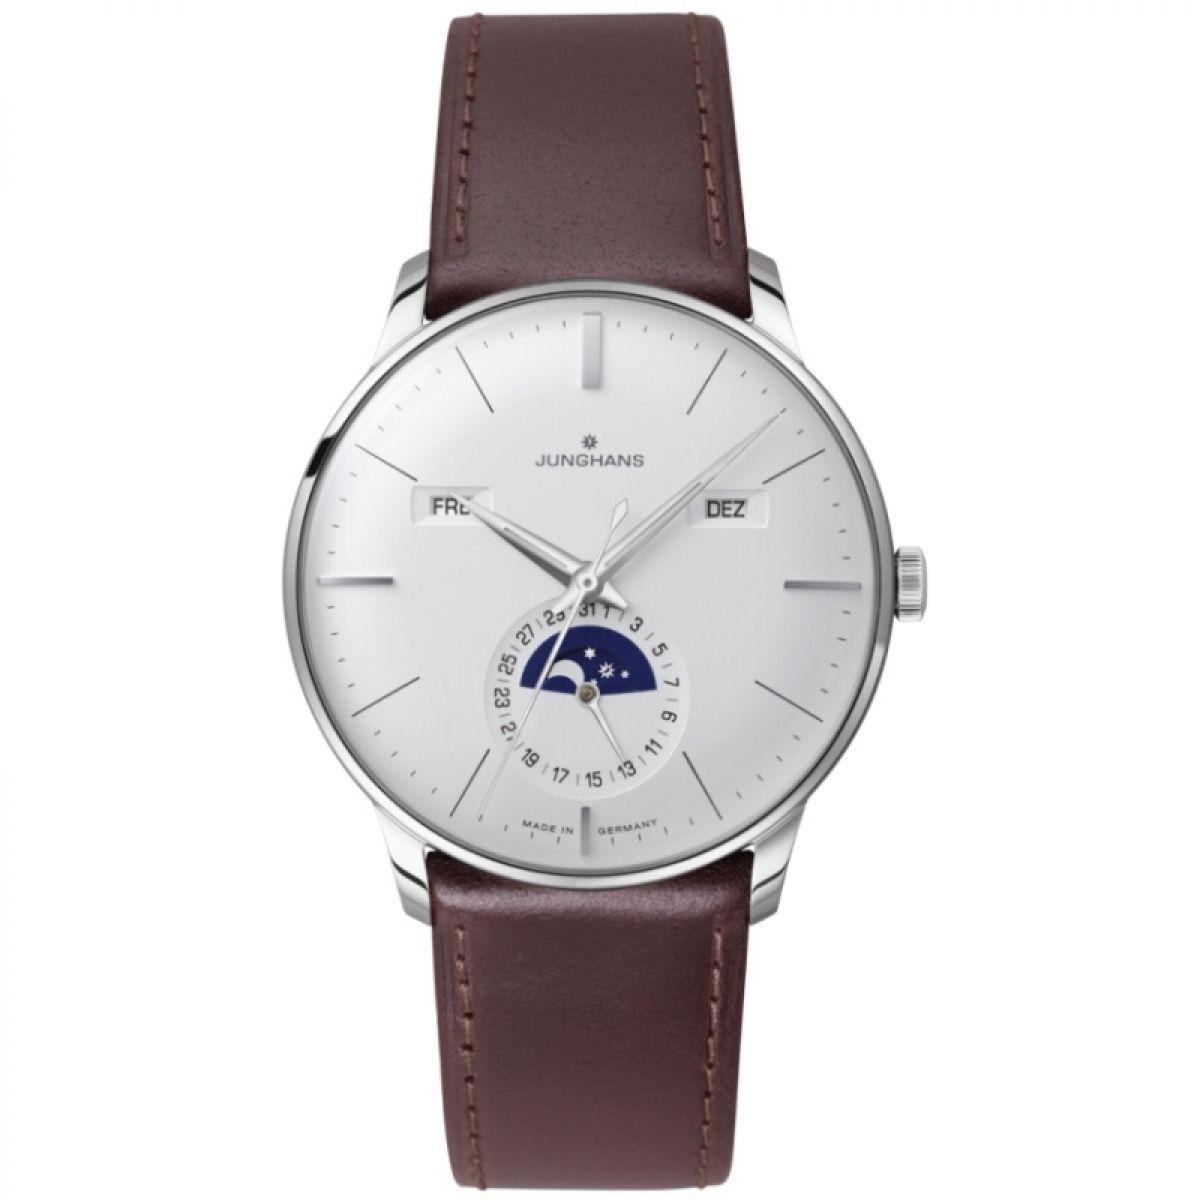 Herren Junghans Meister Kalendar Uhren (027/4200.00